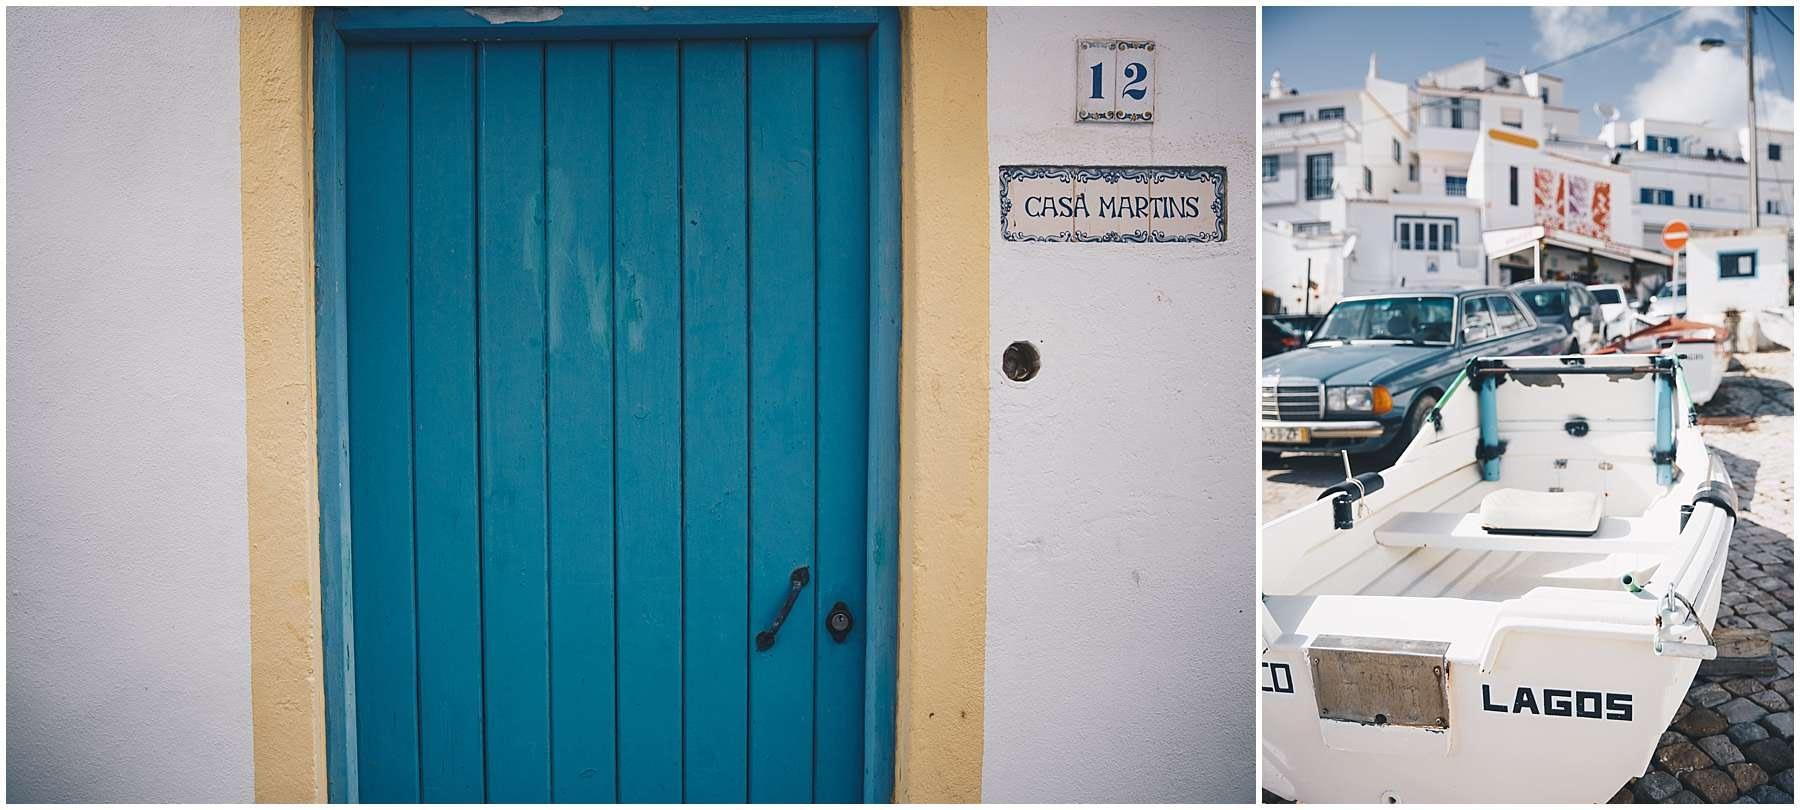 Portugal Lagos_0094.jpg